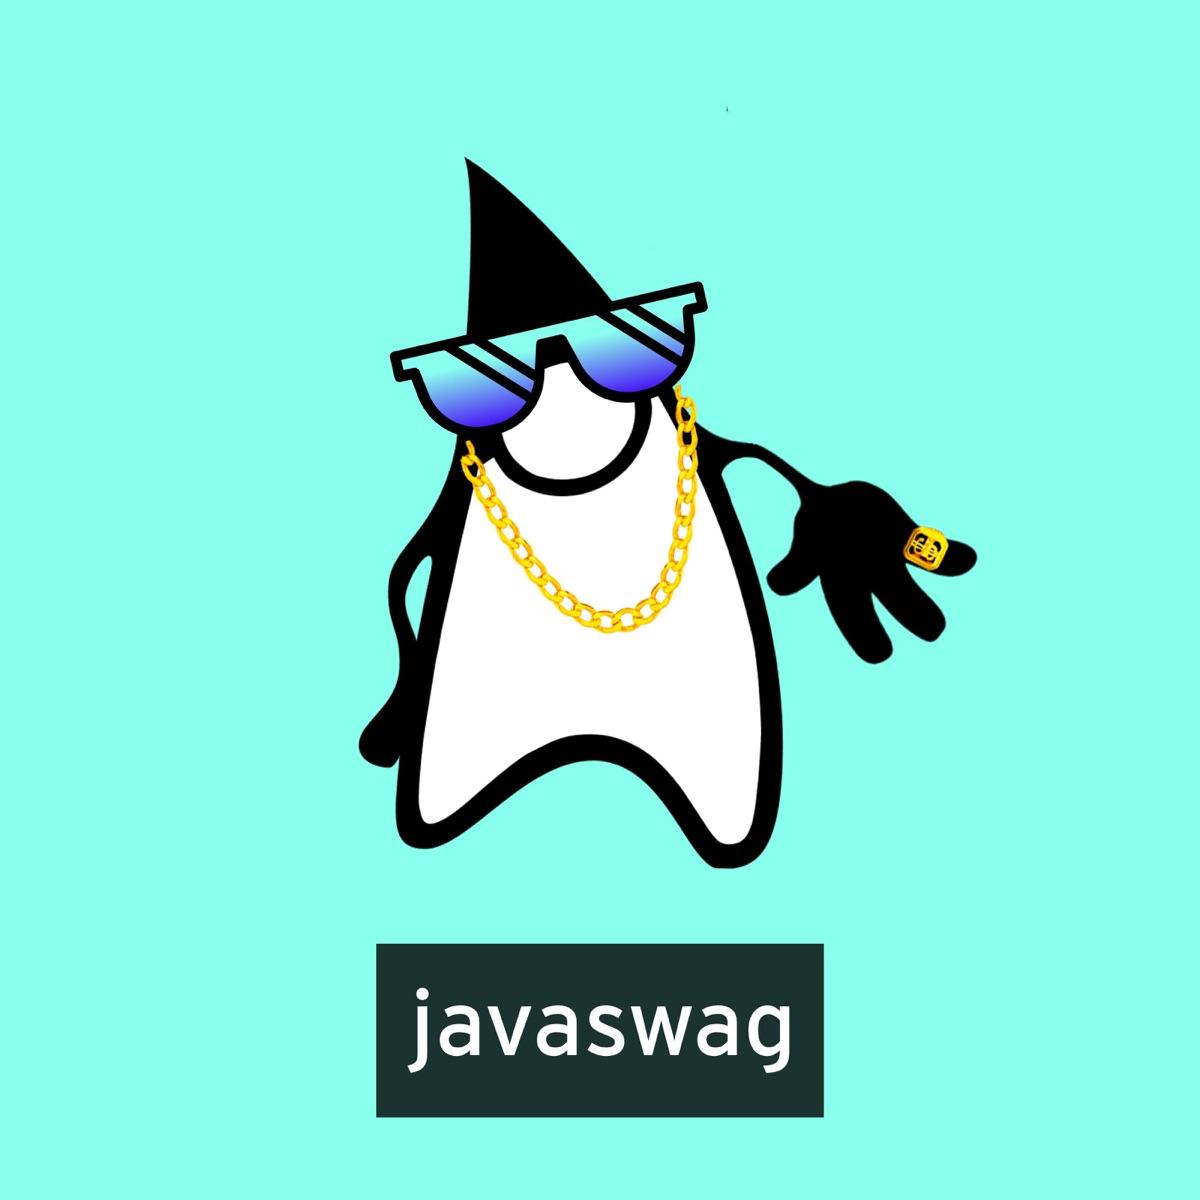 Введение в spring boot: создание простого rest api на java